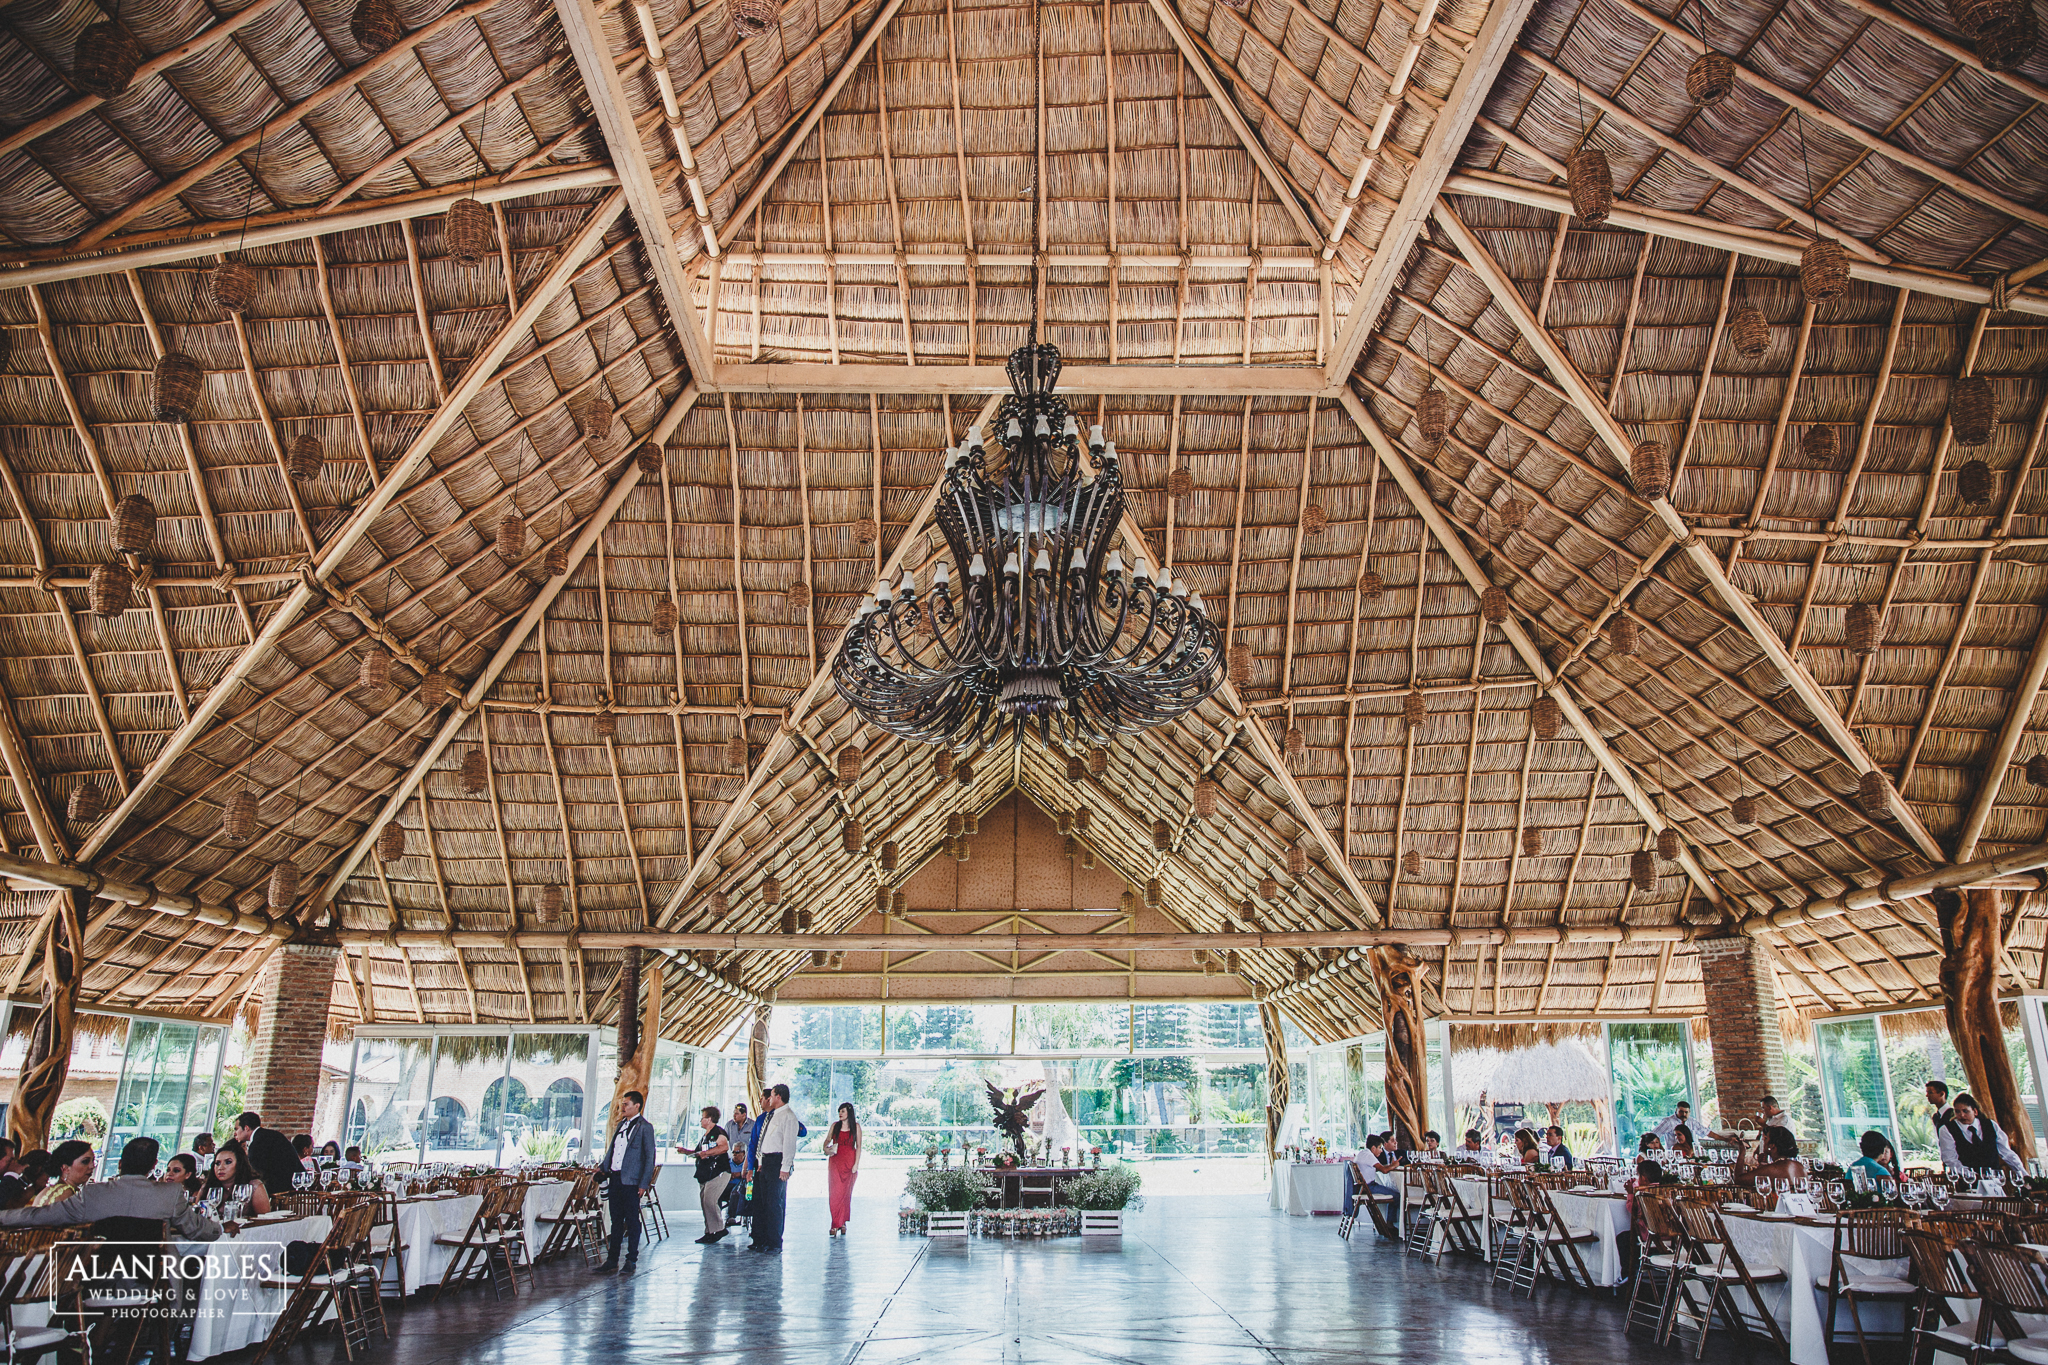 Vista general del interior de Hacienda Los Pozos en Guadalajara. Fotografo de bodas Alan Robles.